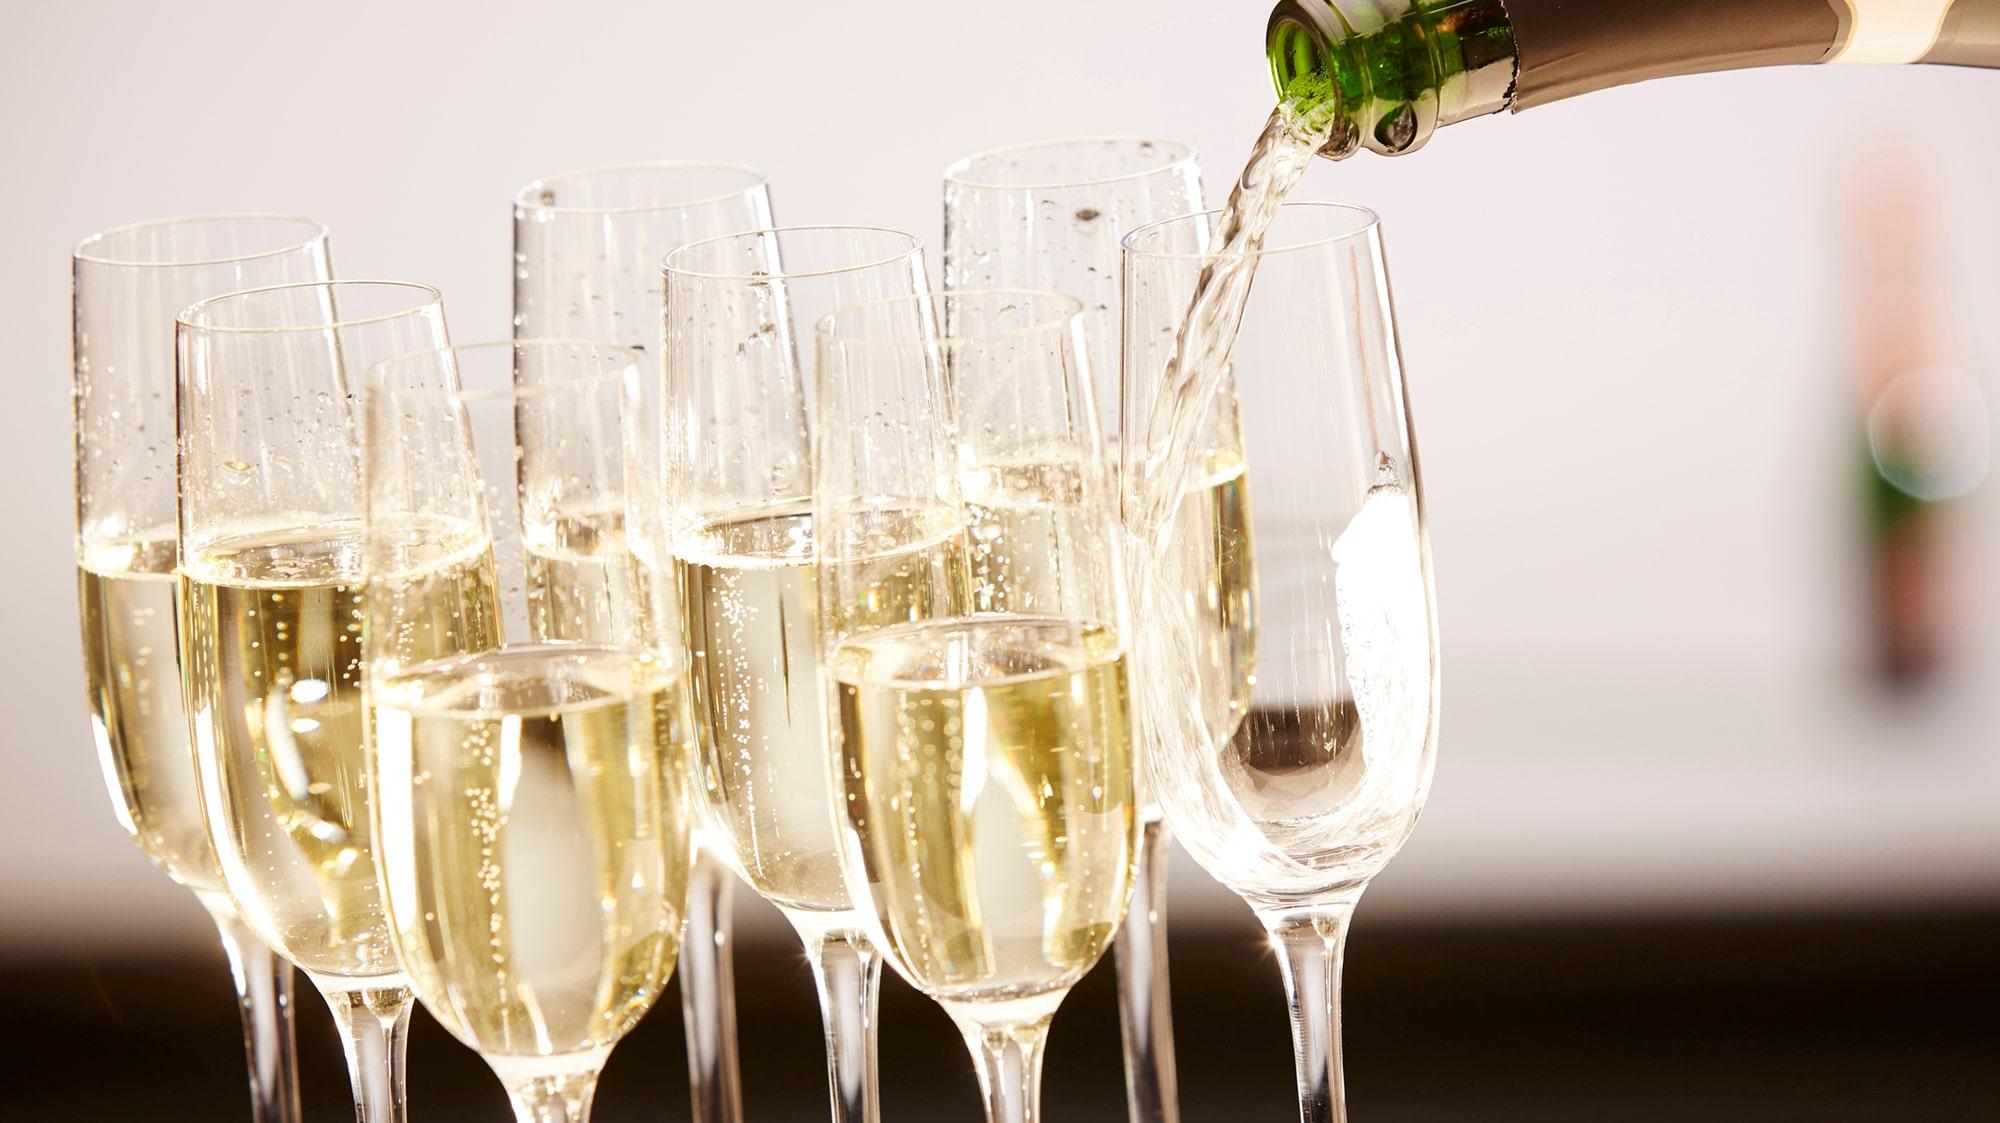 den bästa attityden brett utbud nya lägre priser Här är skillnaden mellan champagne, cava, crémant & prosecco